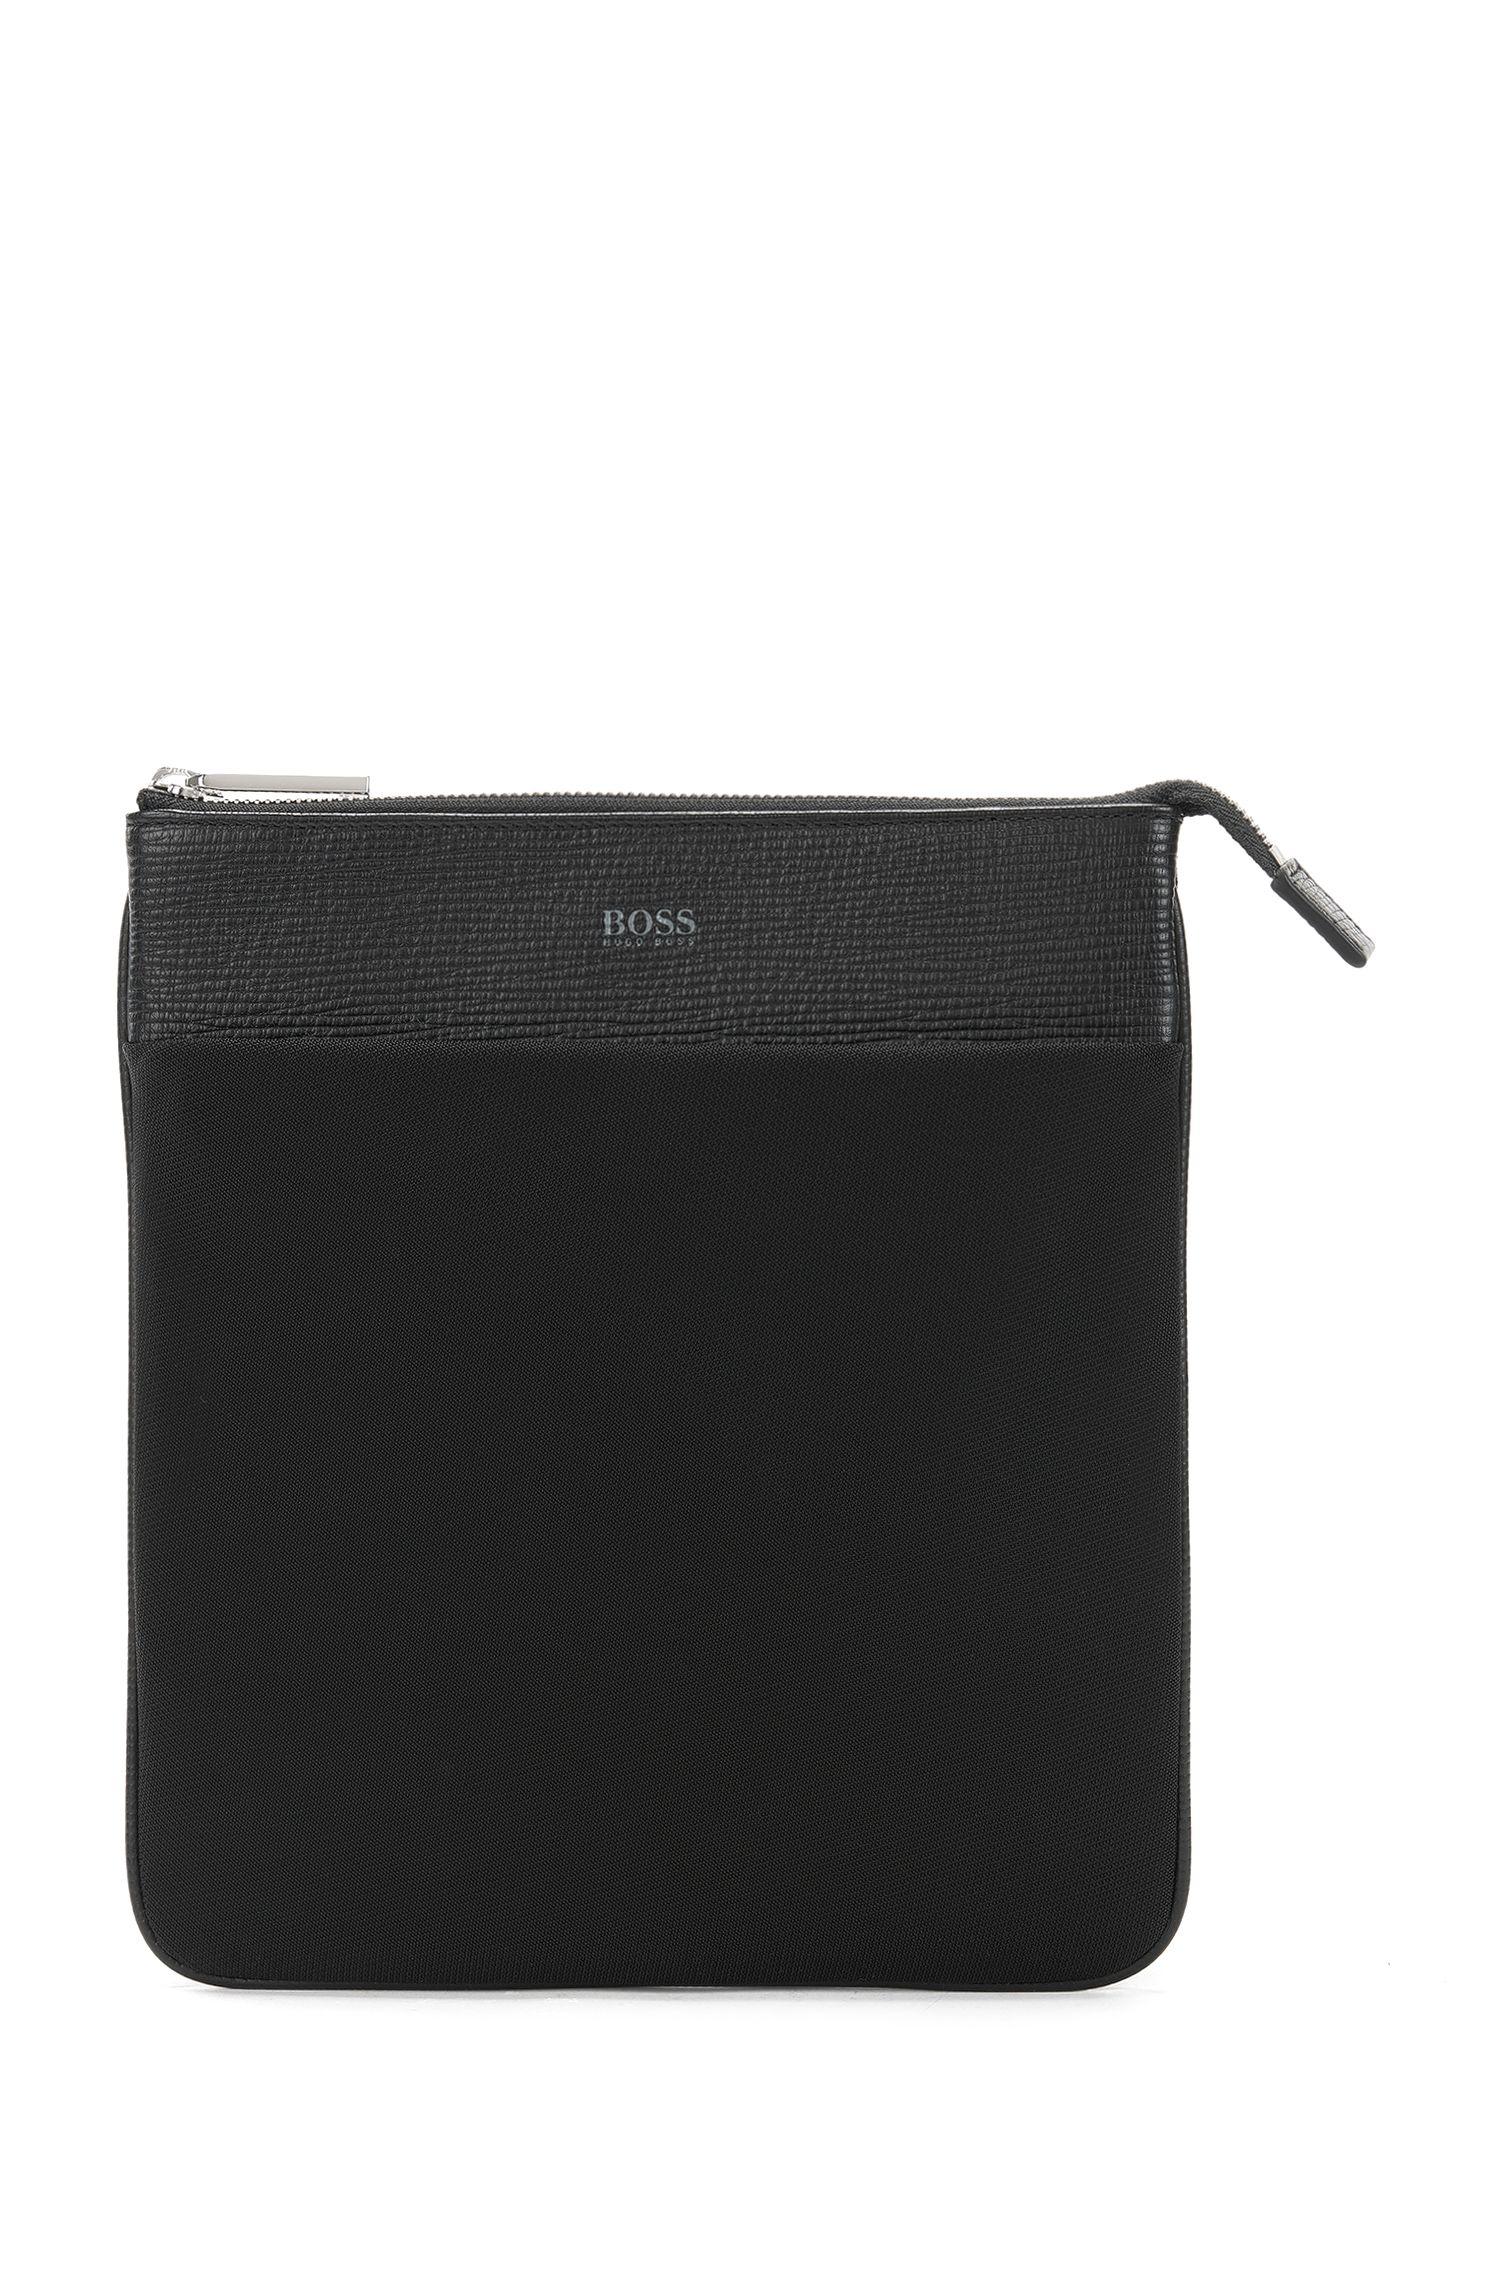 Kurier-Tasche aus Nylon und Leder